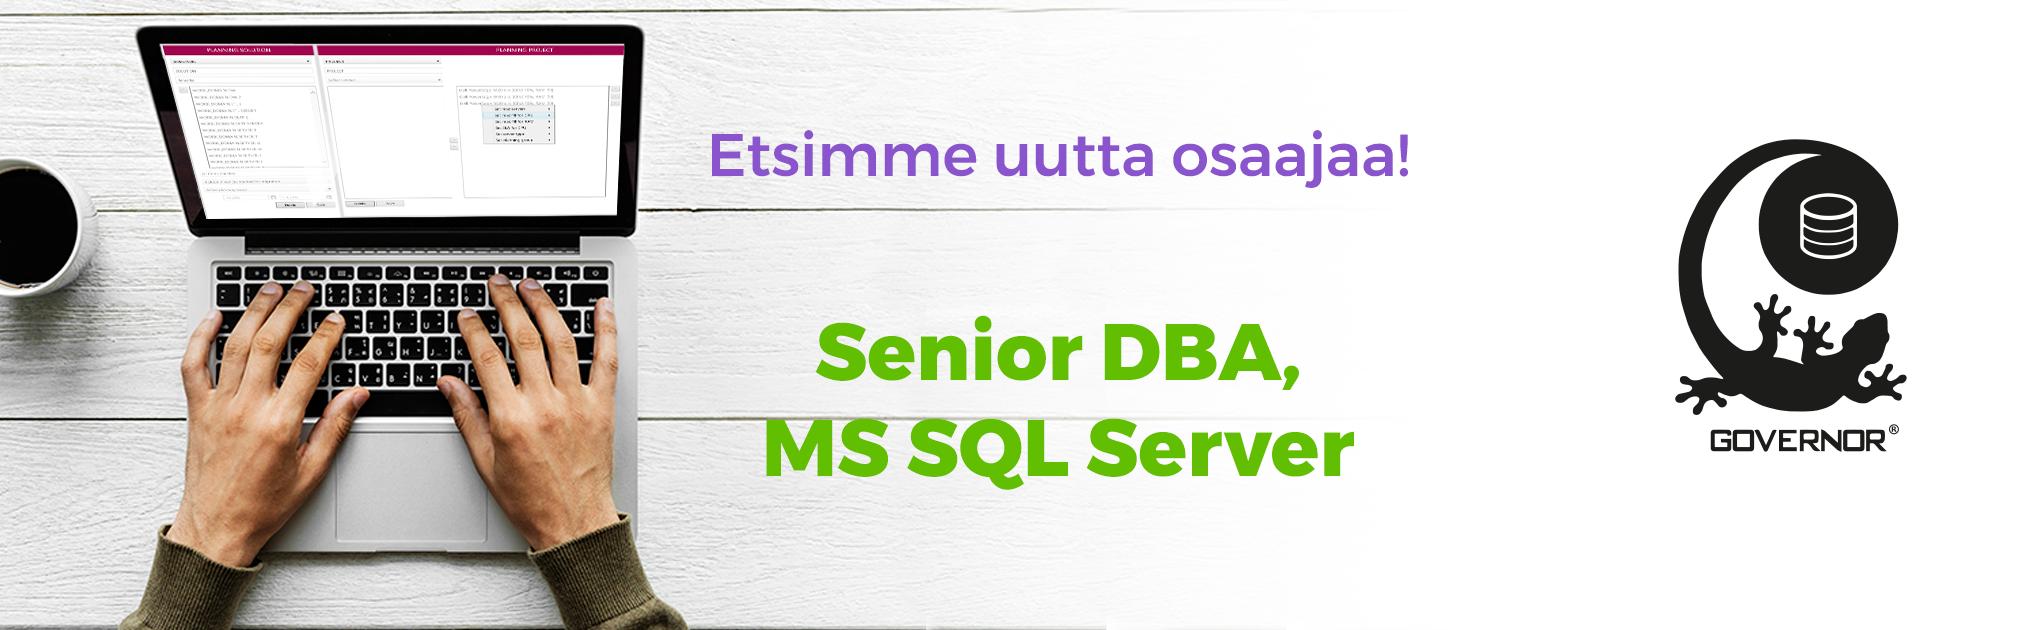 Senior DBA, Microsoft SQL Server